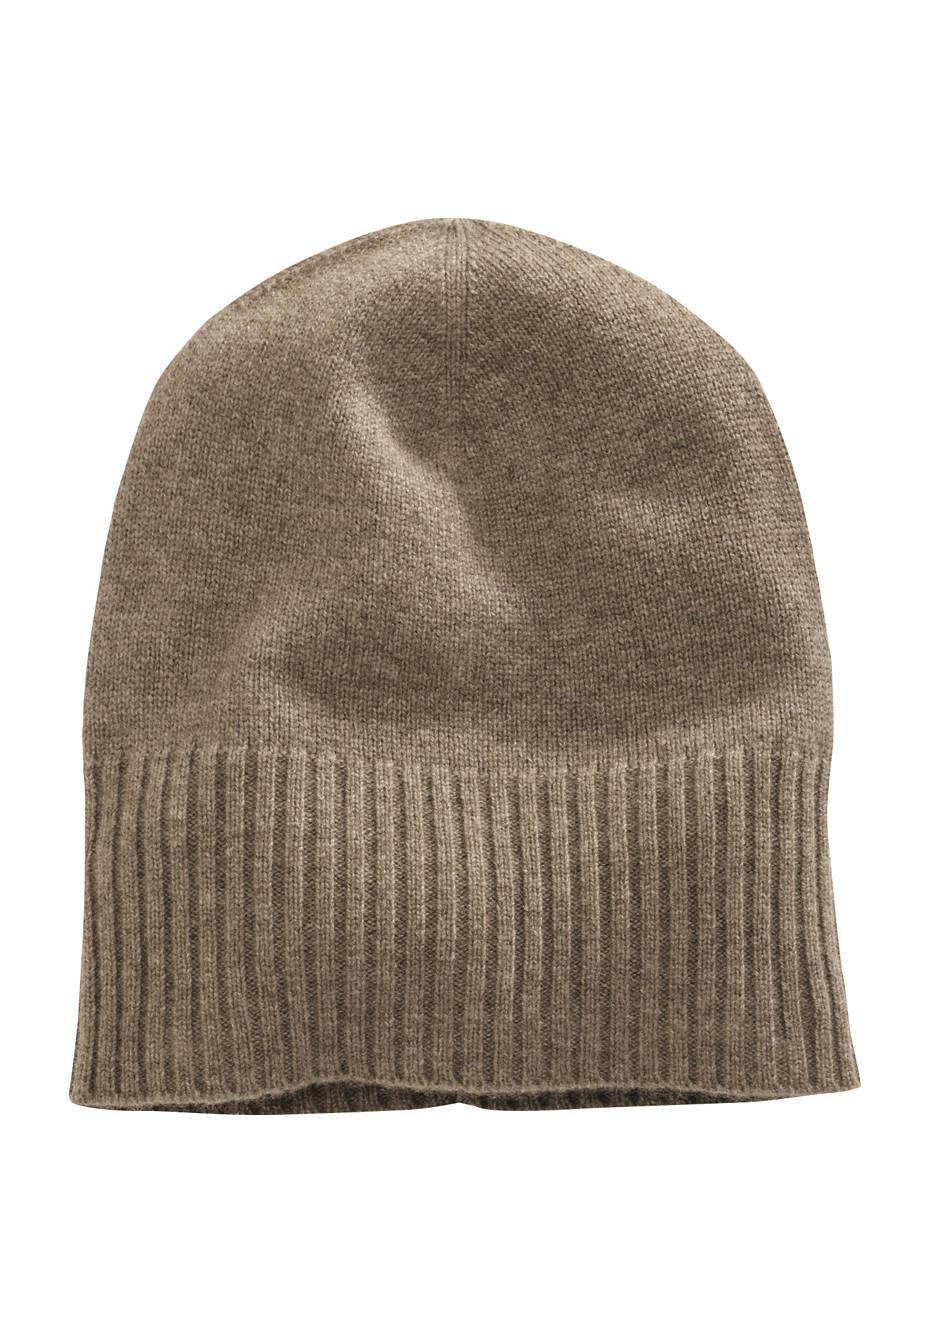 Damen Mütze aus reiner Yak-Wolle